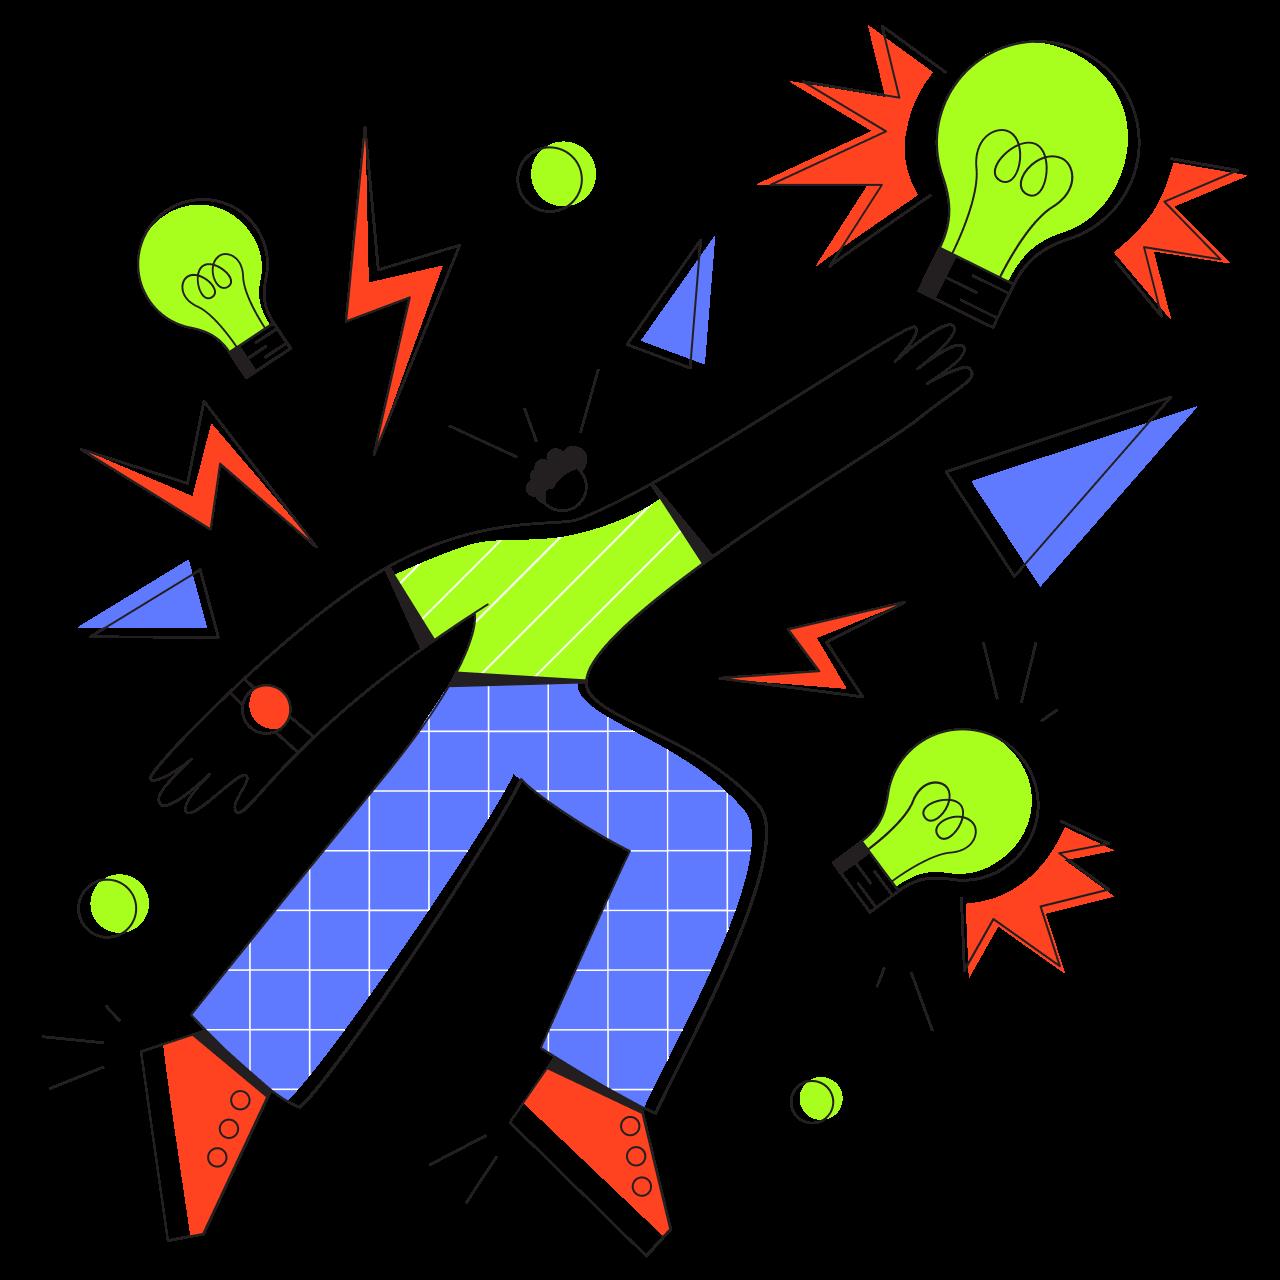 Обложка набора иллюстраций Limerror о частых ошибках и уведомлениях на сайте